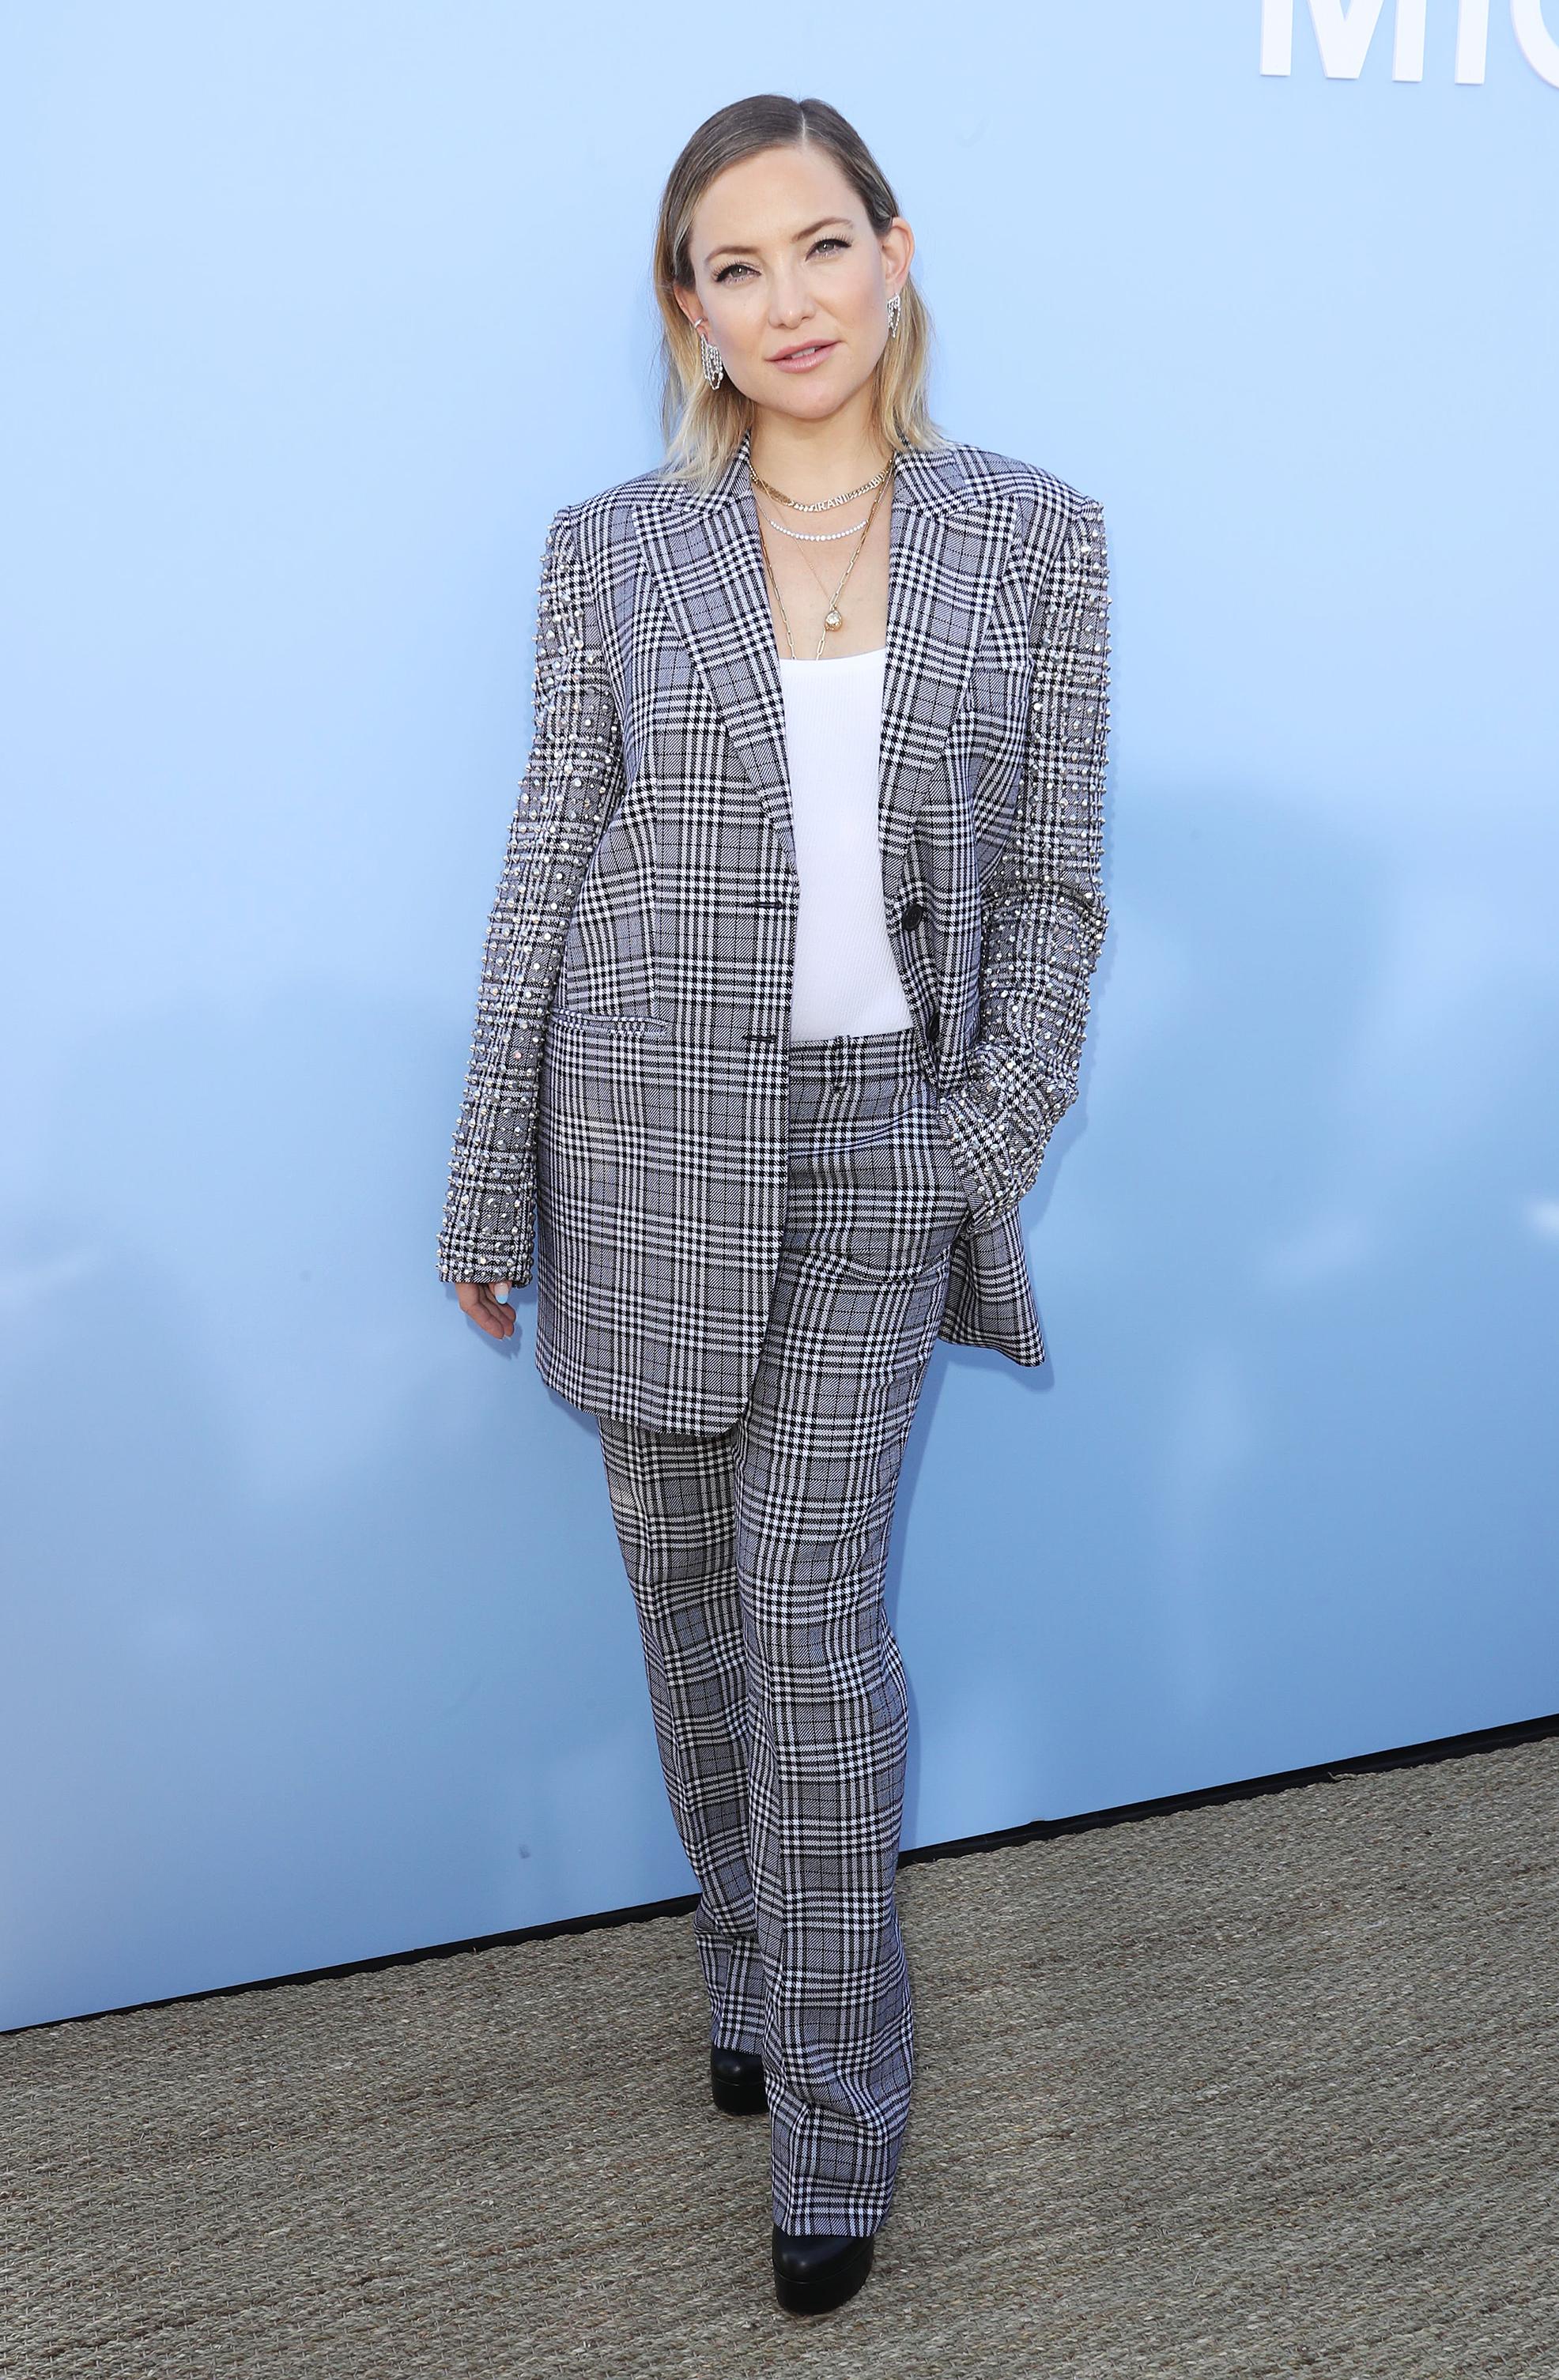 https://www.usmagazine.com/wp content/uploads/2019/09/NYFW Style Kate Hudson